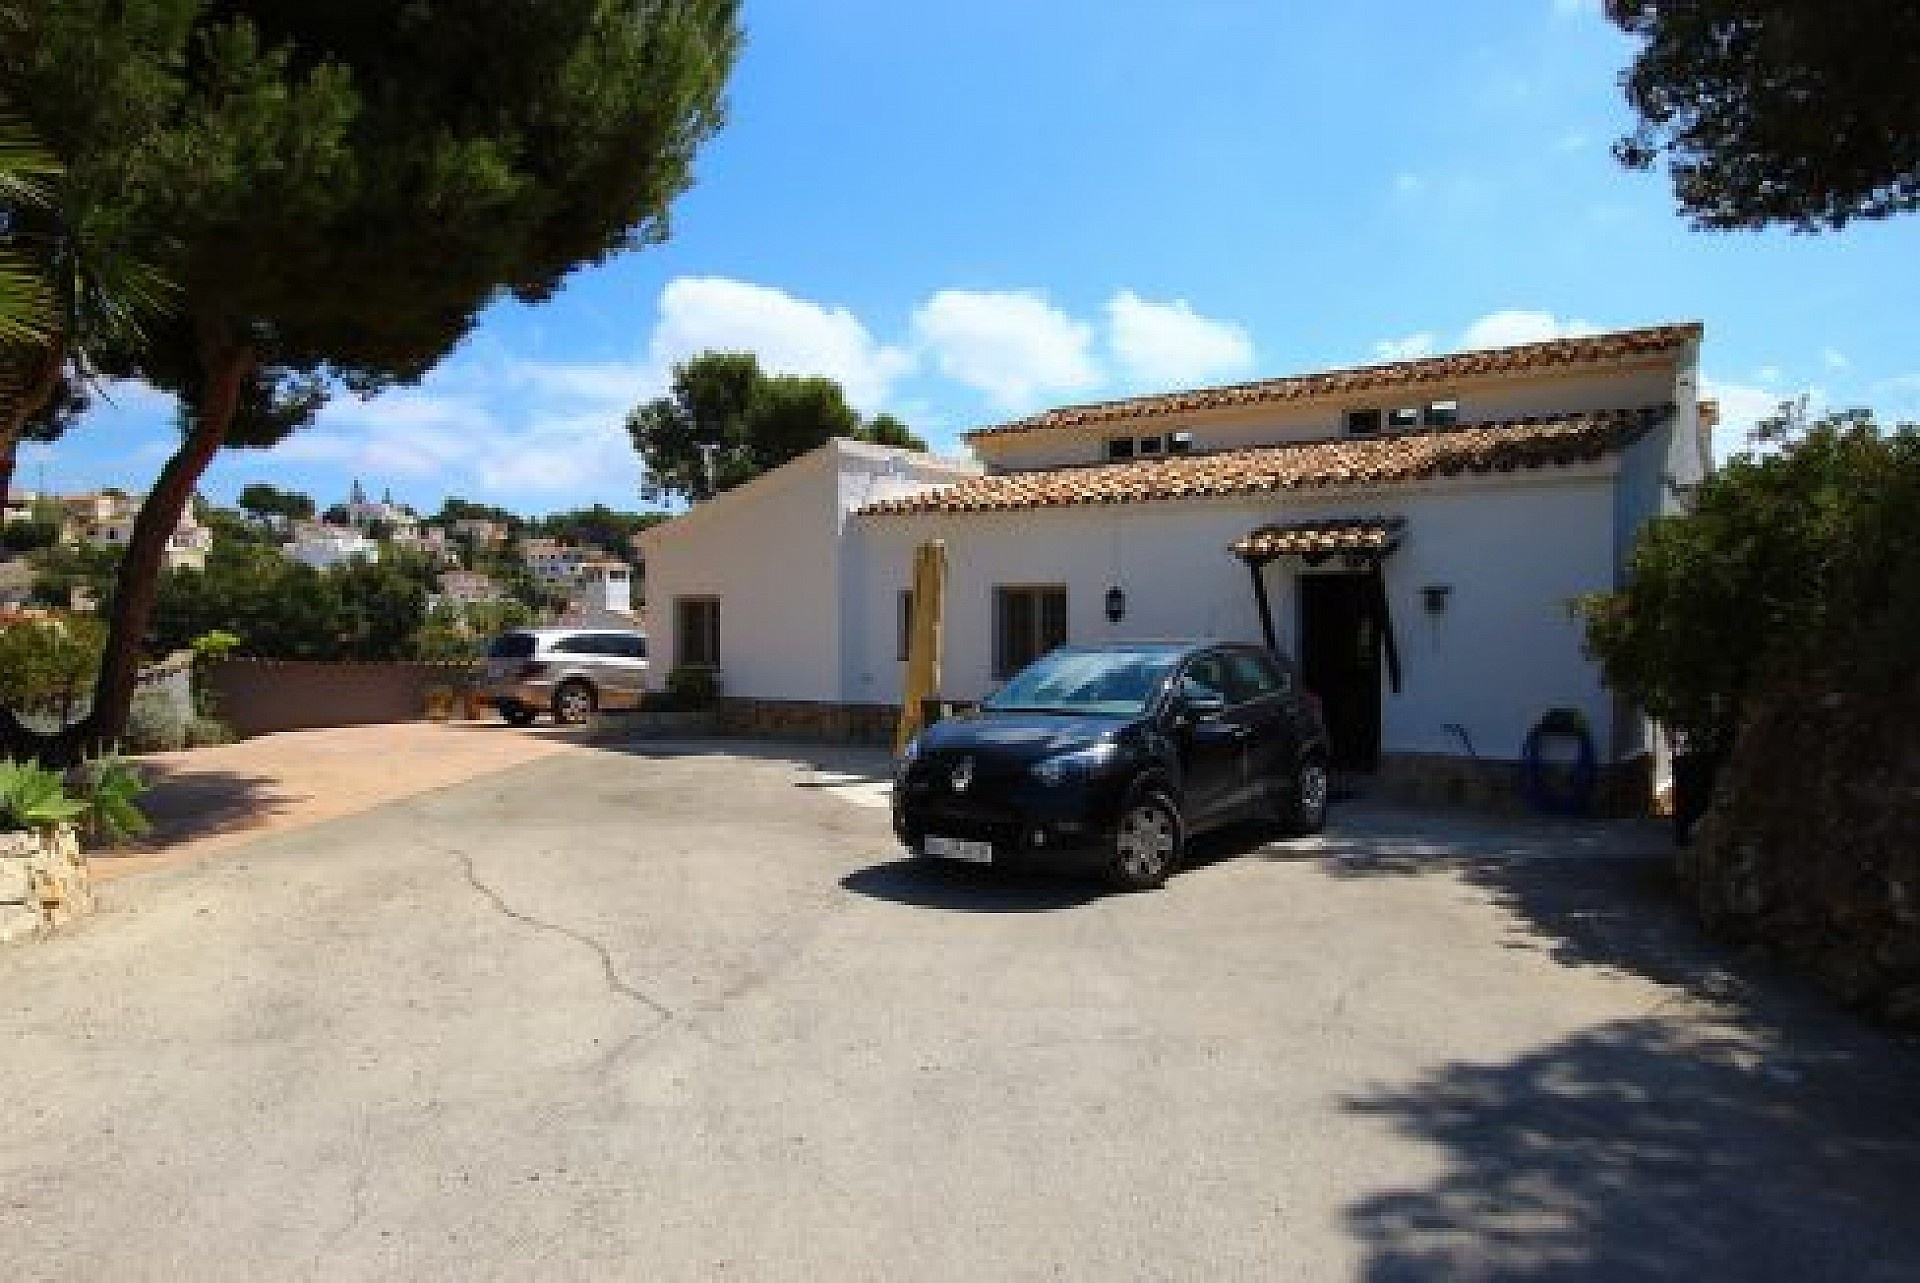 w_parkeerplaats-aan-het-huis-488x326-1.jpg